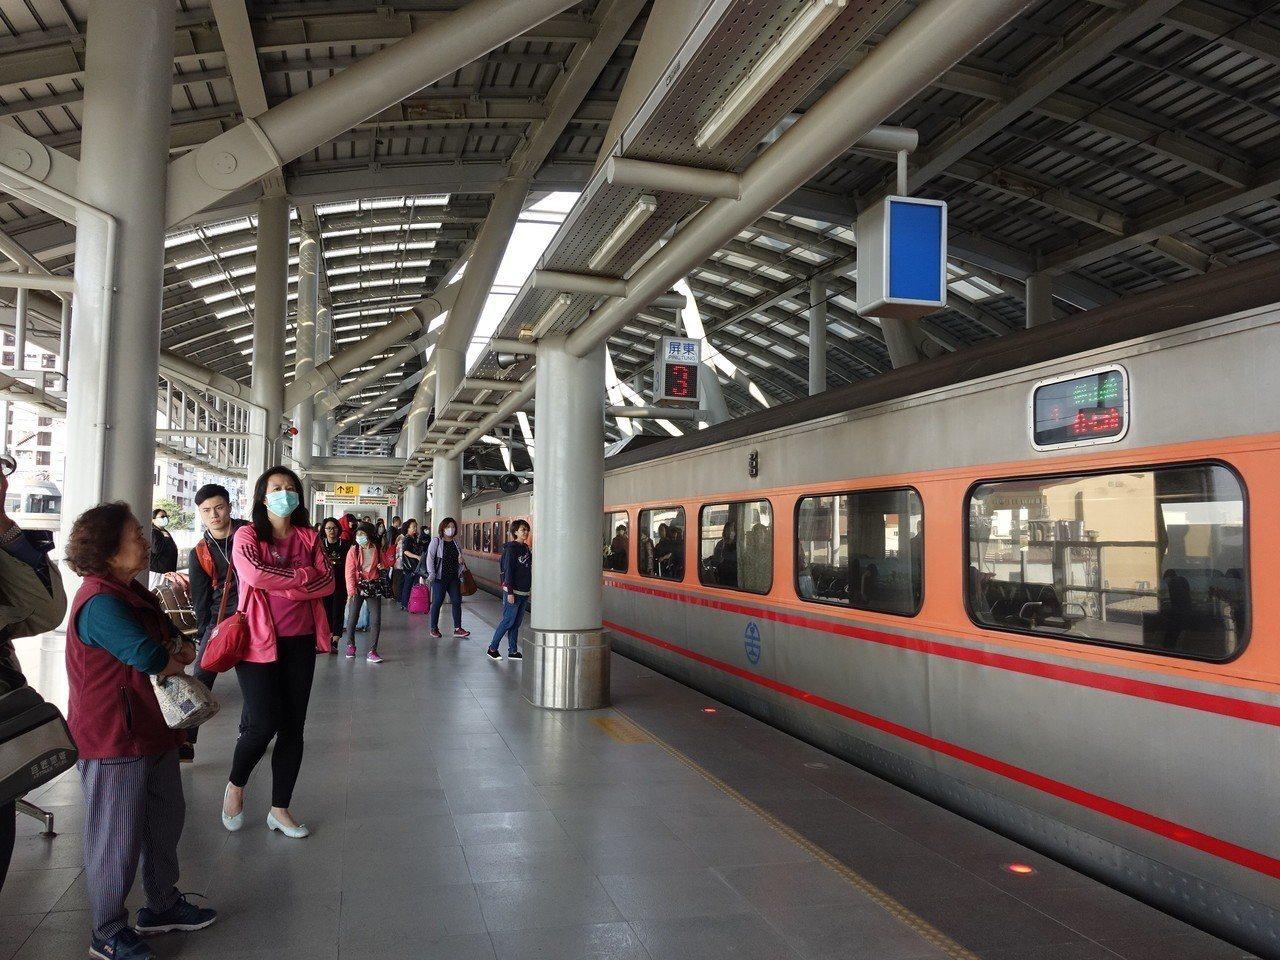 屏東車站示意圖,非新聞當事人。有男乘客日前搭乘台鐵開往屏東區間車,因不滿列車誤點...